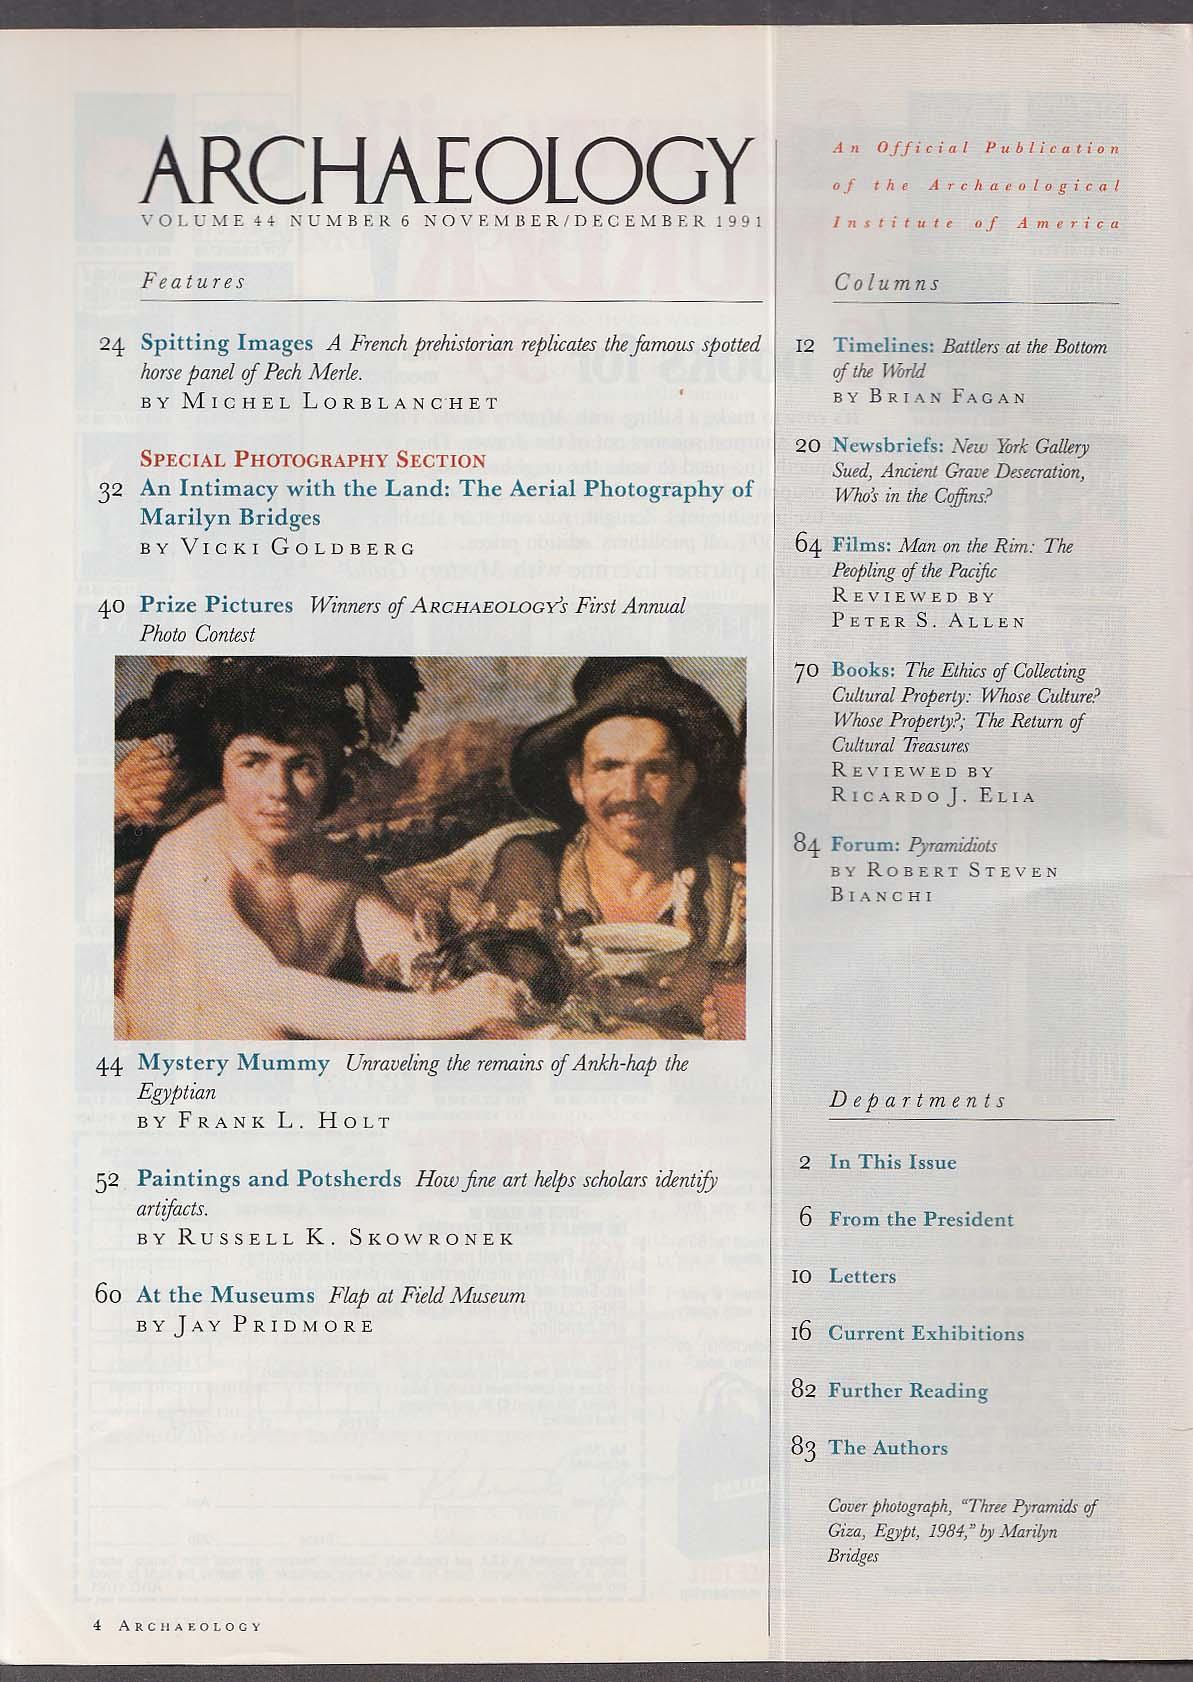 ARCHAEOLOGY Marilyn Bridges Ankh-hap Mummy ++ 11-12 1981